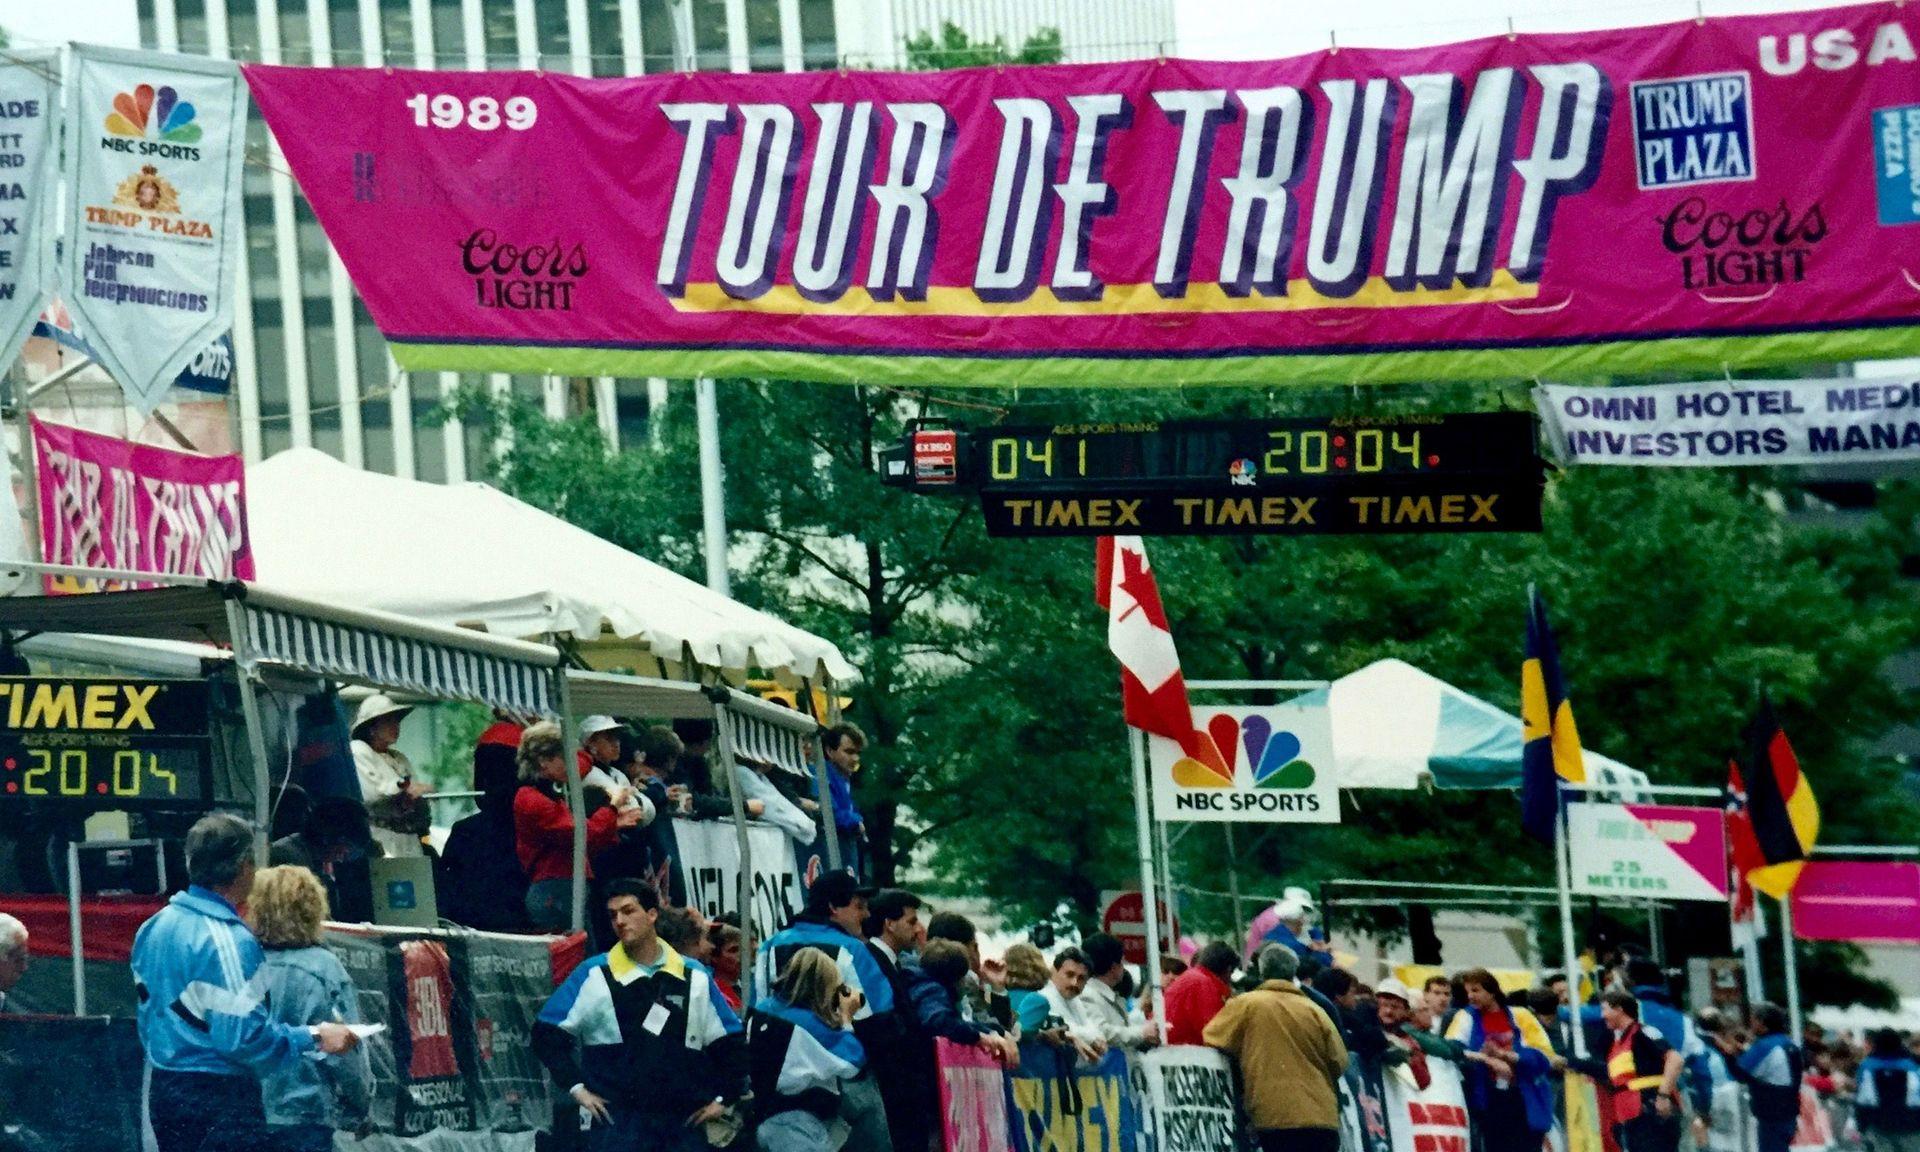 infovelo-com-tour_de_trump_1989-wikipedia-donald-trump